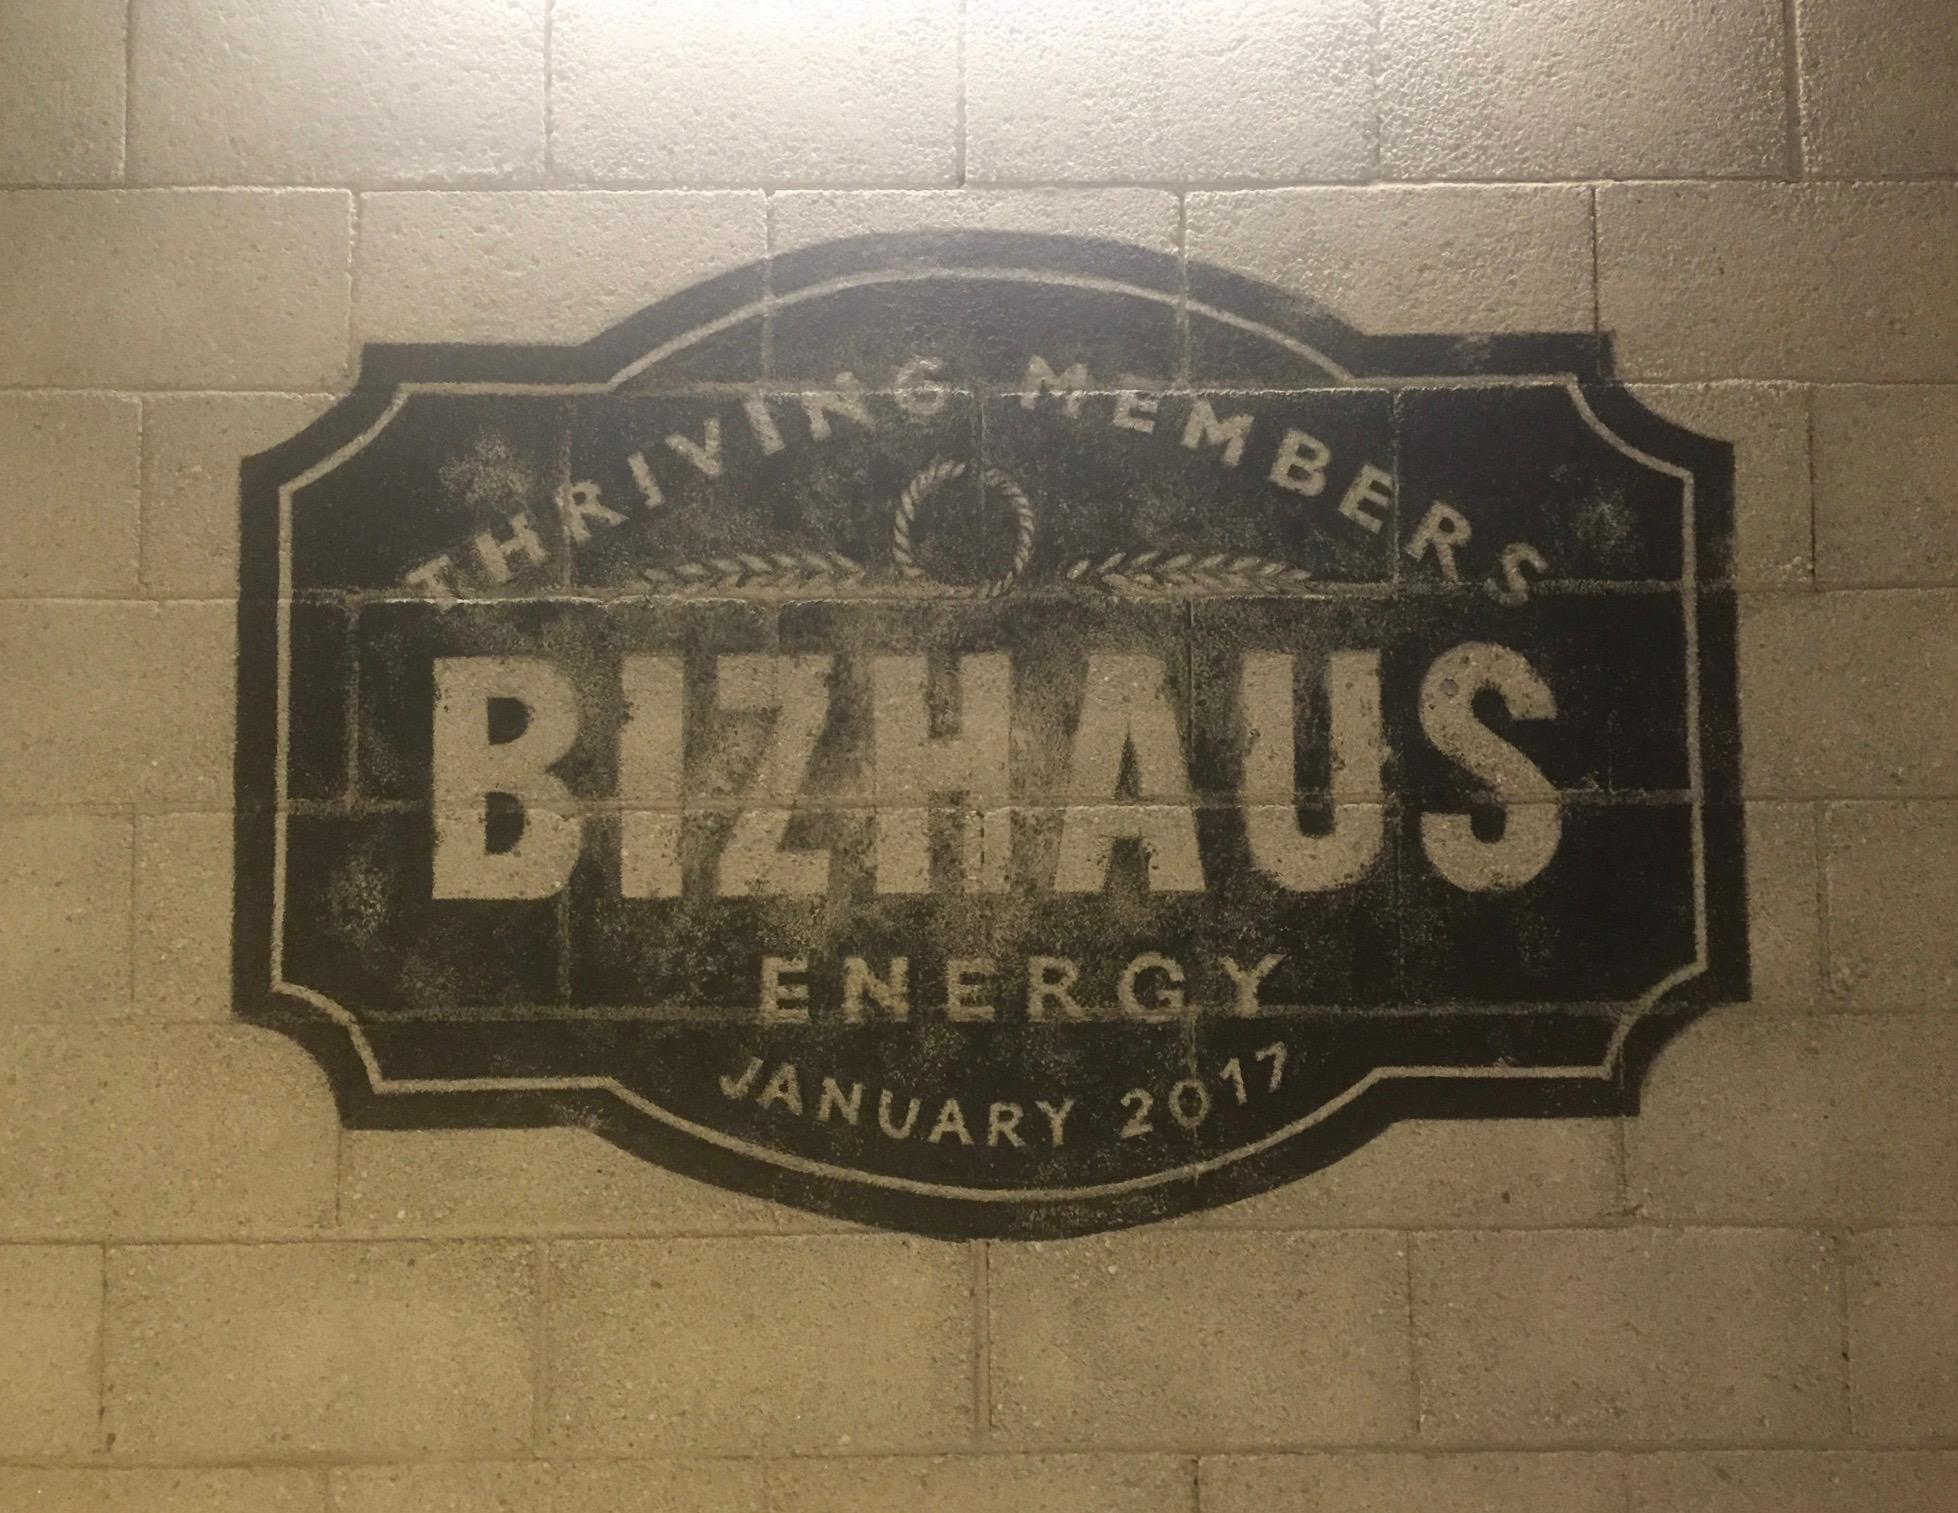 Mural - Bizhaus #2